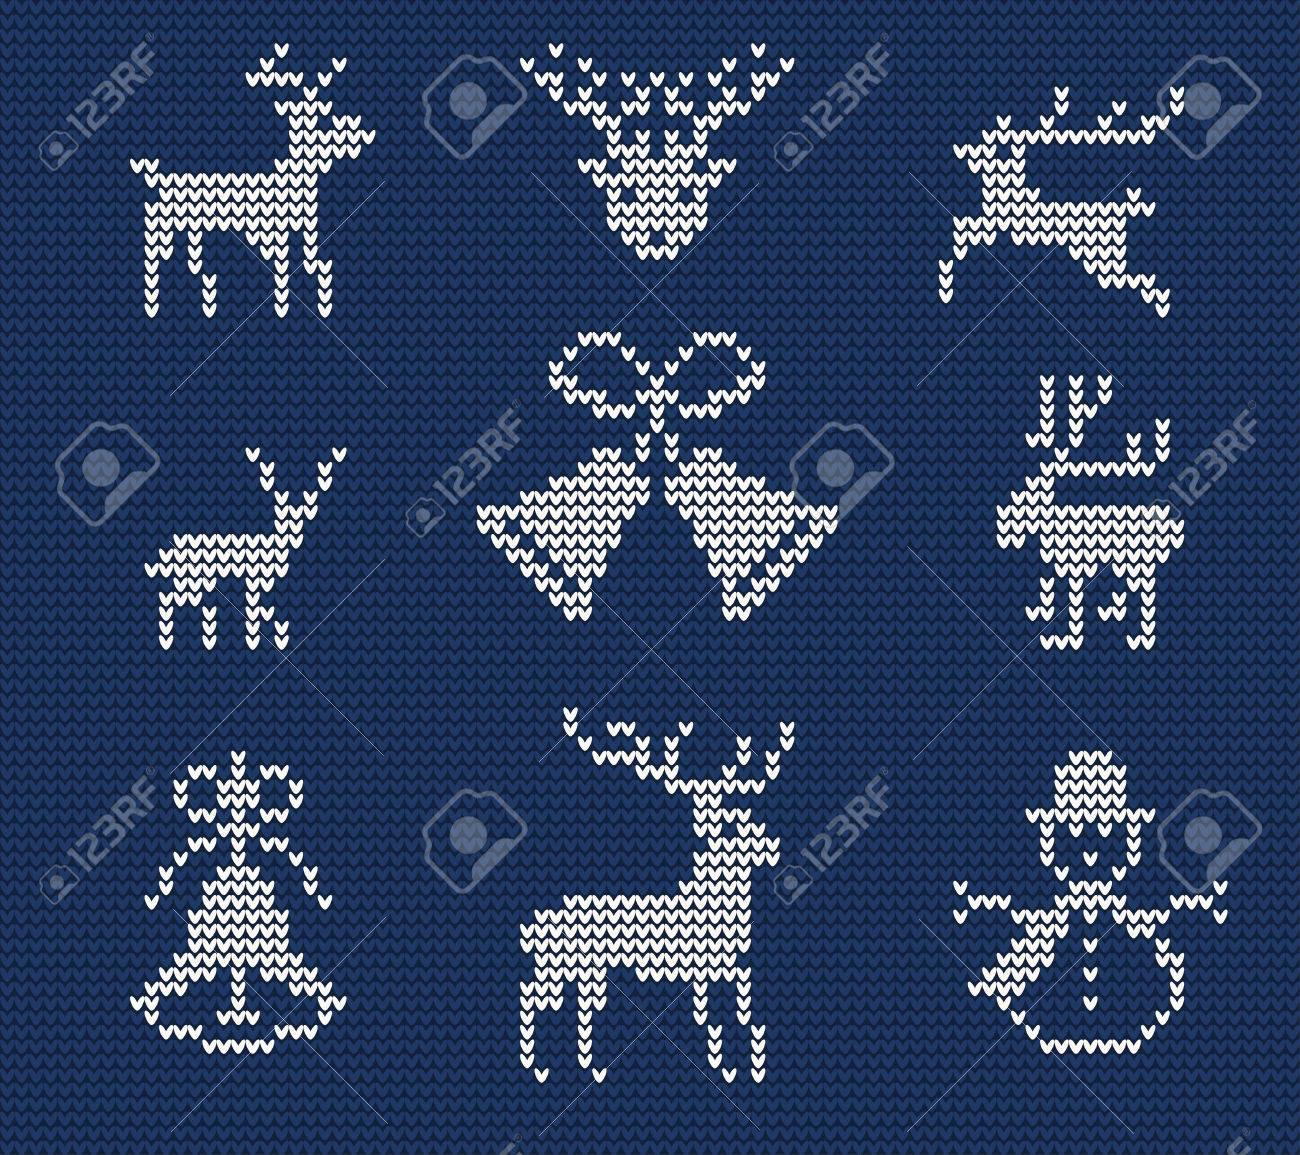 Ilustración De Feo Suéter Patrón Transparente Para El Diseño, Sitio ...